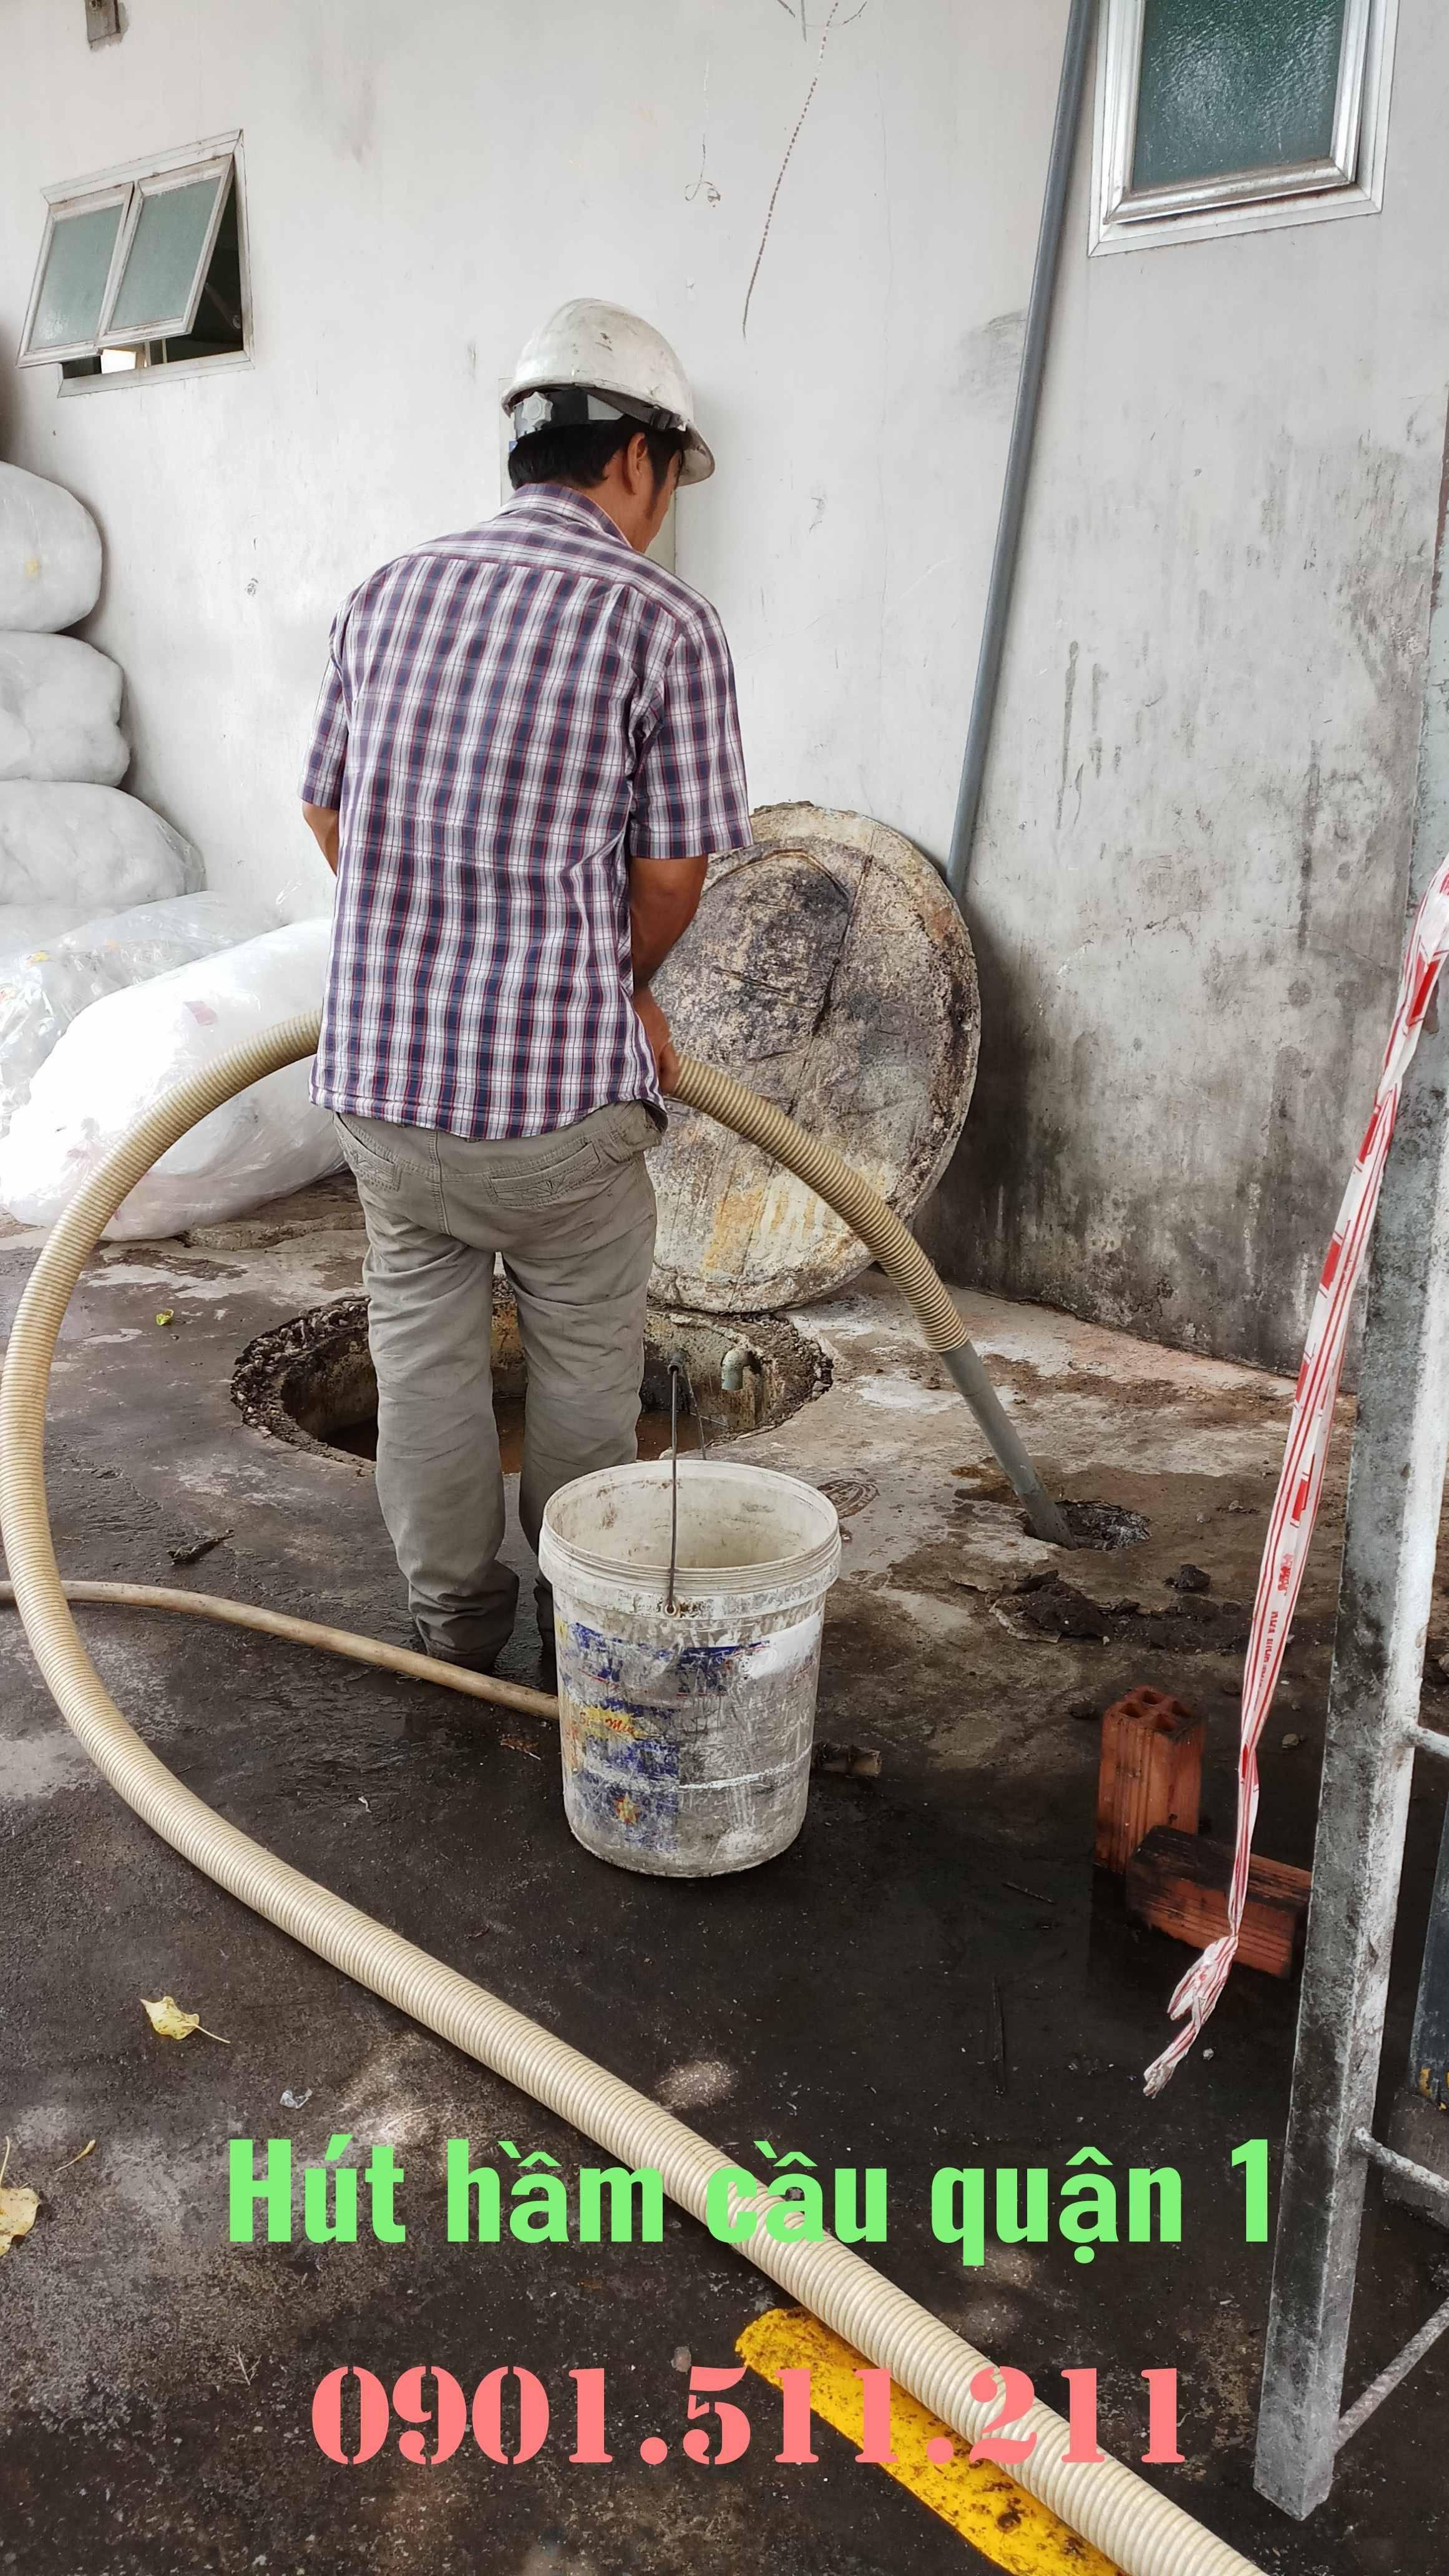 Hút hầm cầu quận 2 giá rẻ uy tín HOÀNG LONG 0901511211